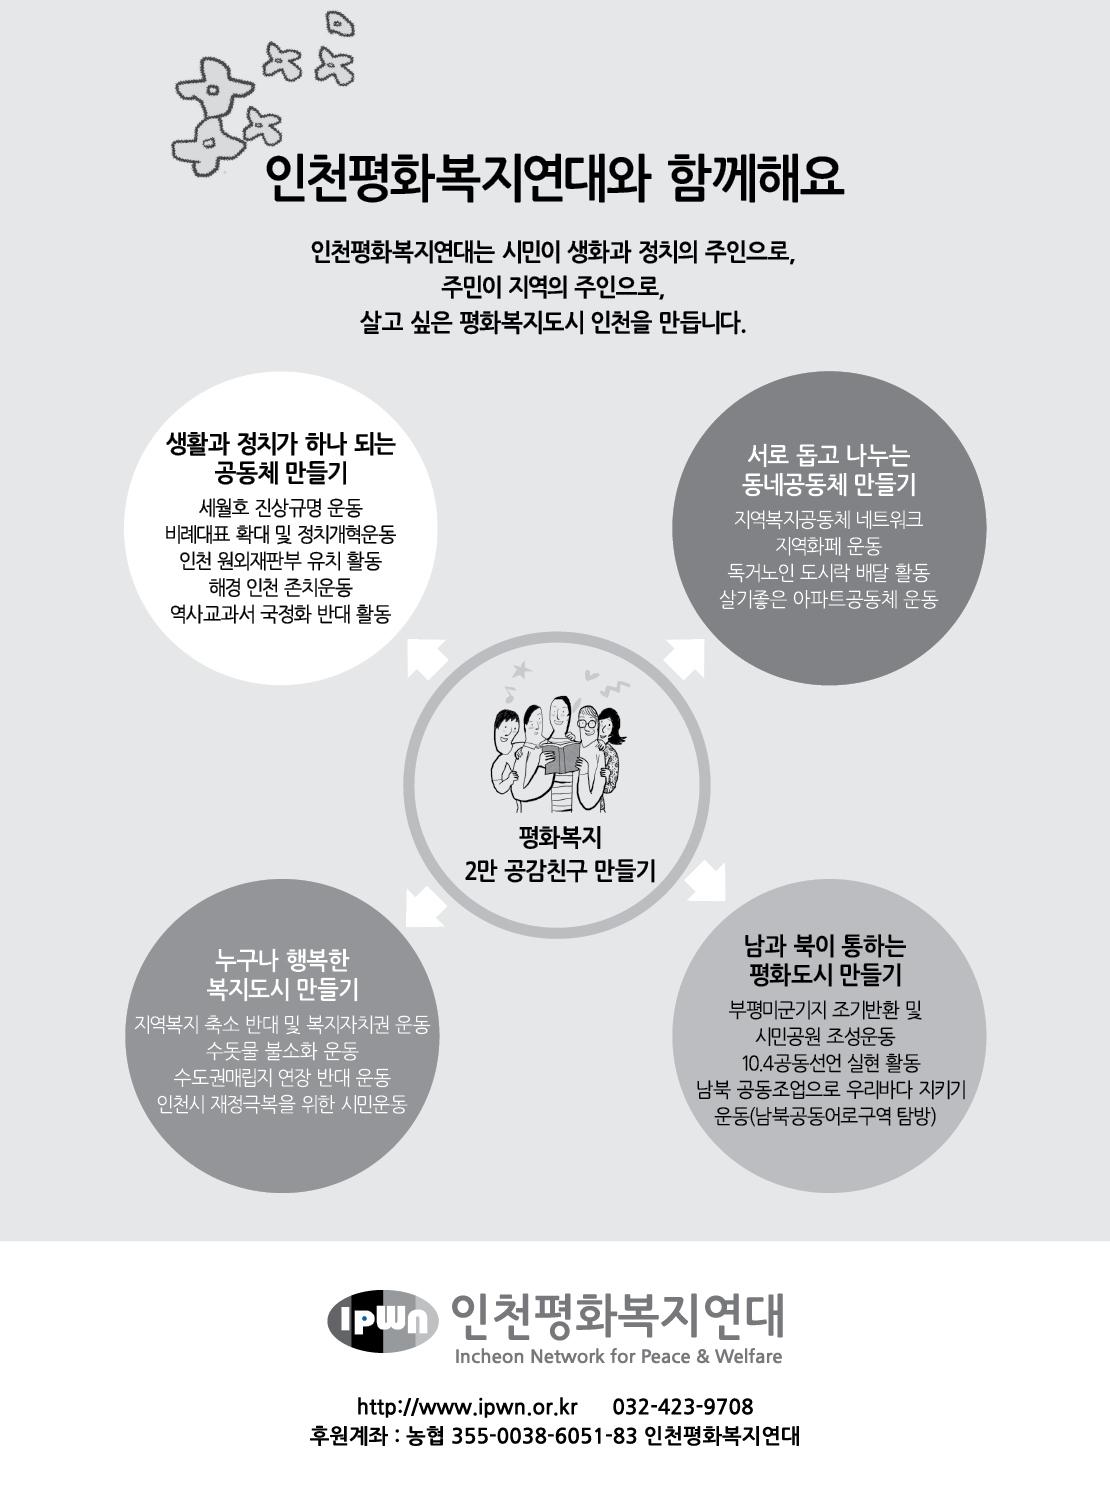 아웃라인 인천평화복지연대 창간준비2호24.jpg